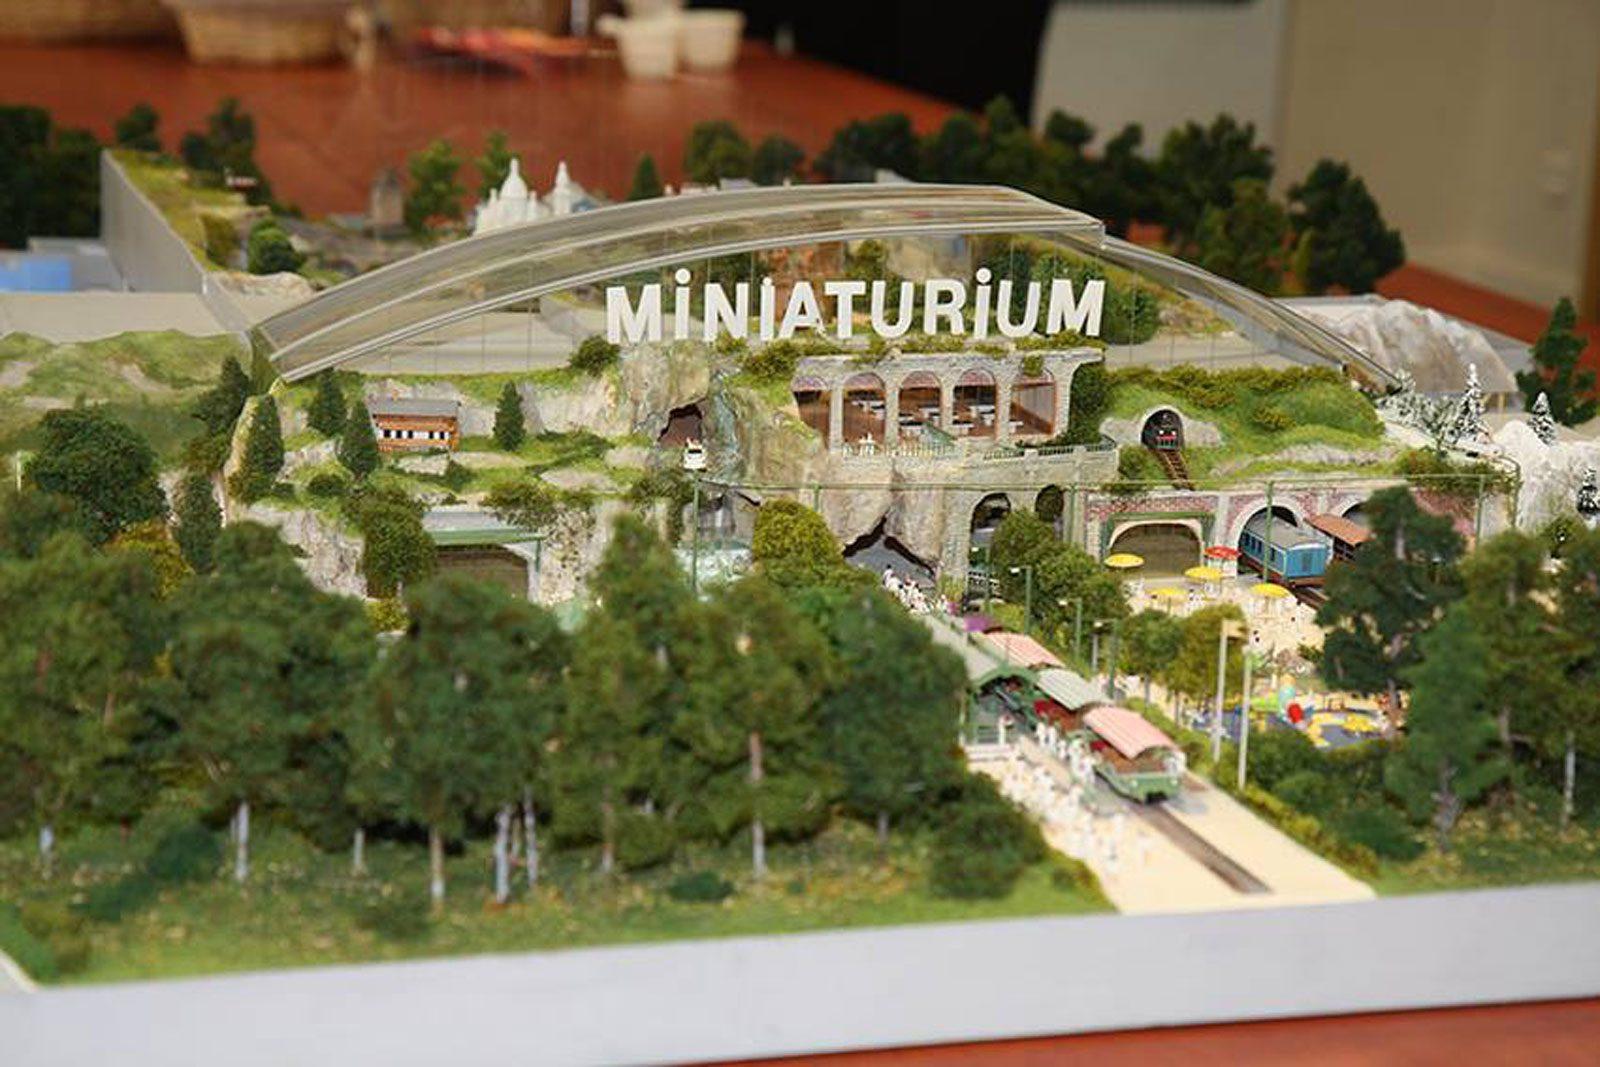 Miniaturium à Yutz : un nouveau parc de loisirs